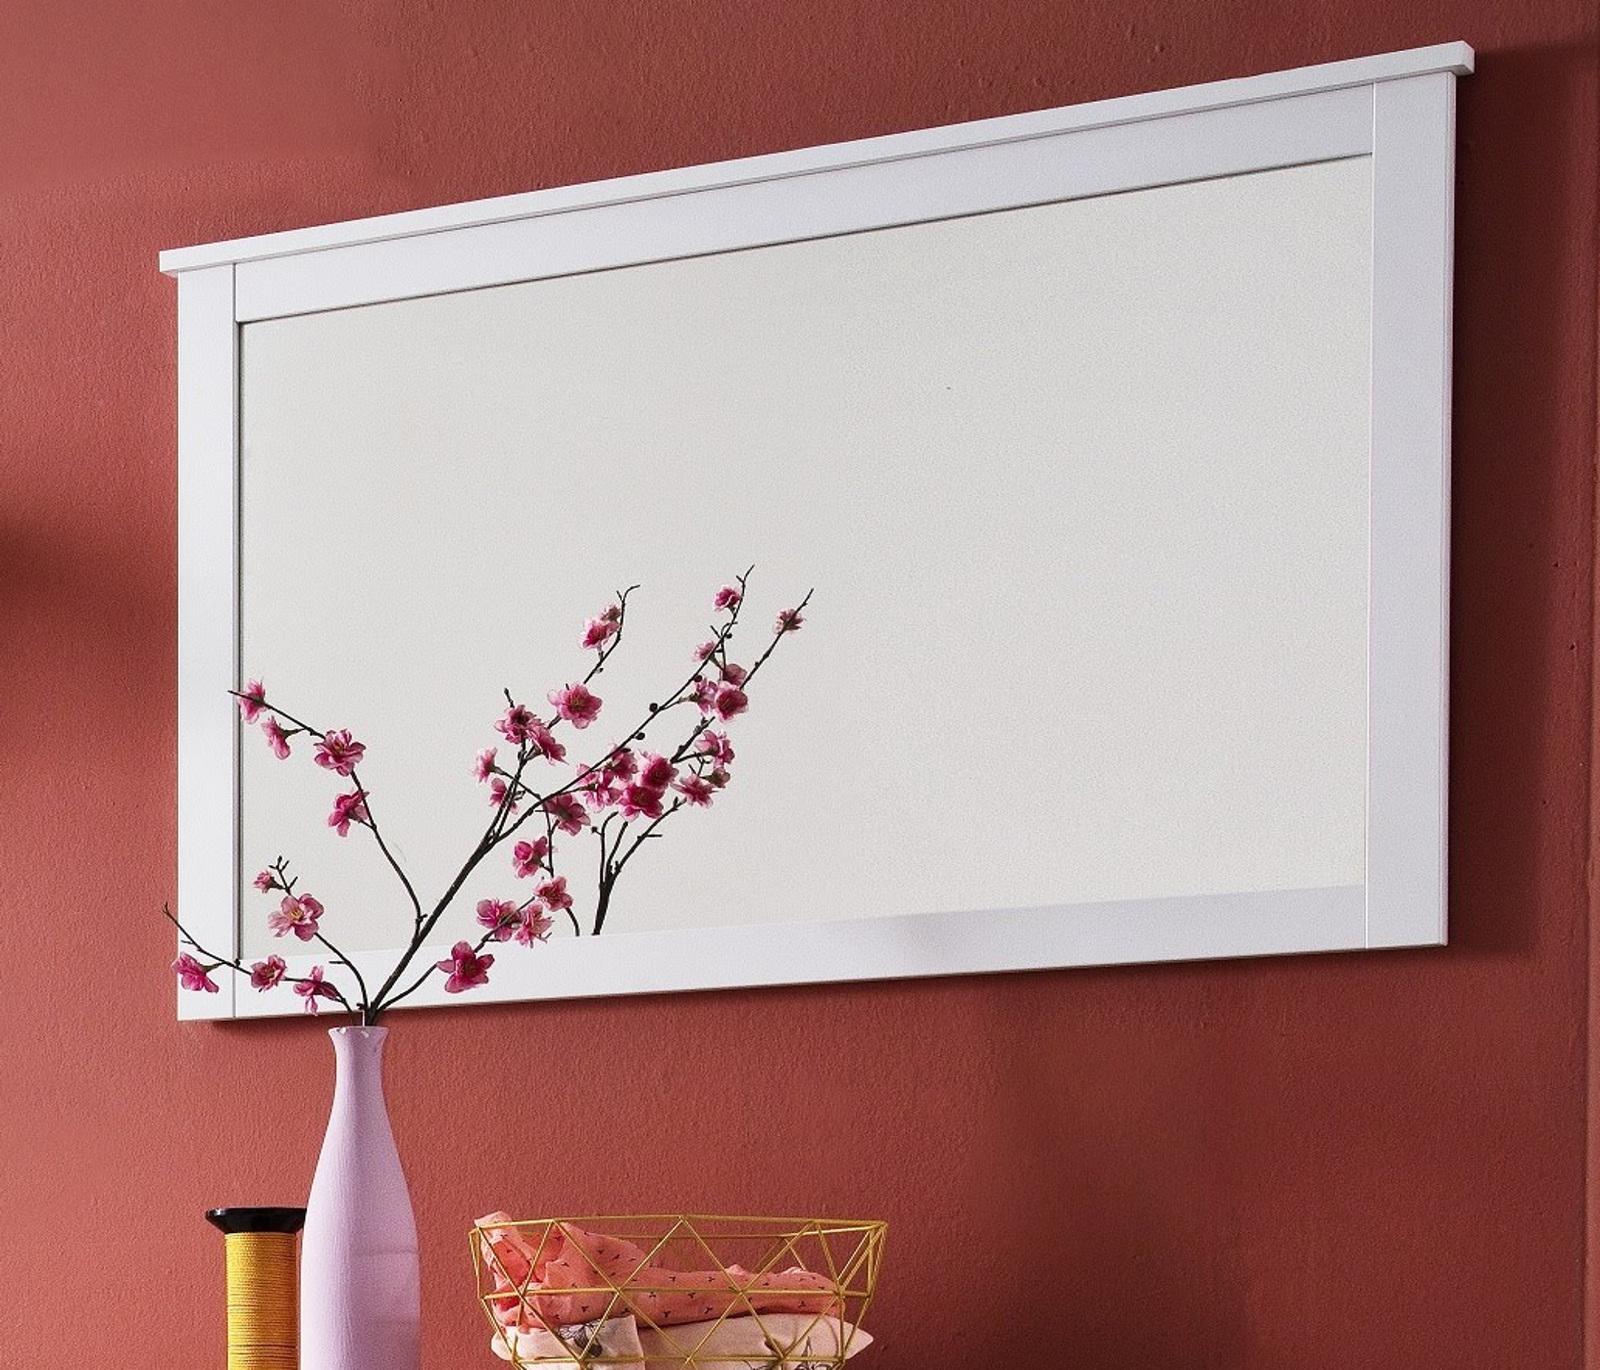 flur spiegel wandspiegel wei garderobenspiegel gross garderobe m bel 91 cm ole ebay. Black Bedroom Furniture Sets. Home Design Ideas